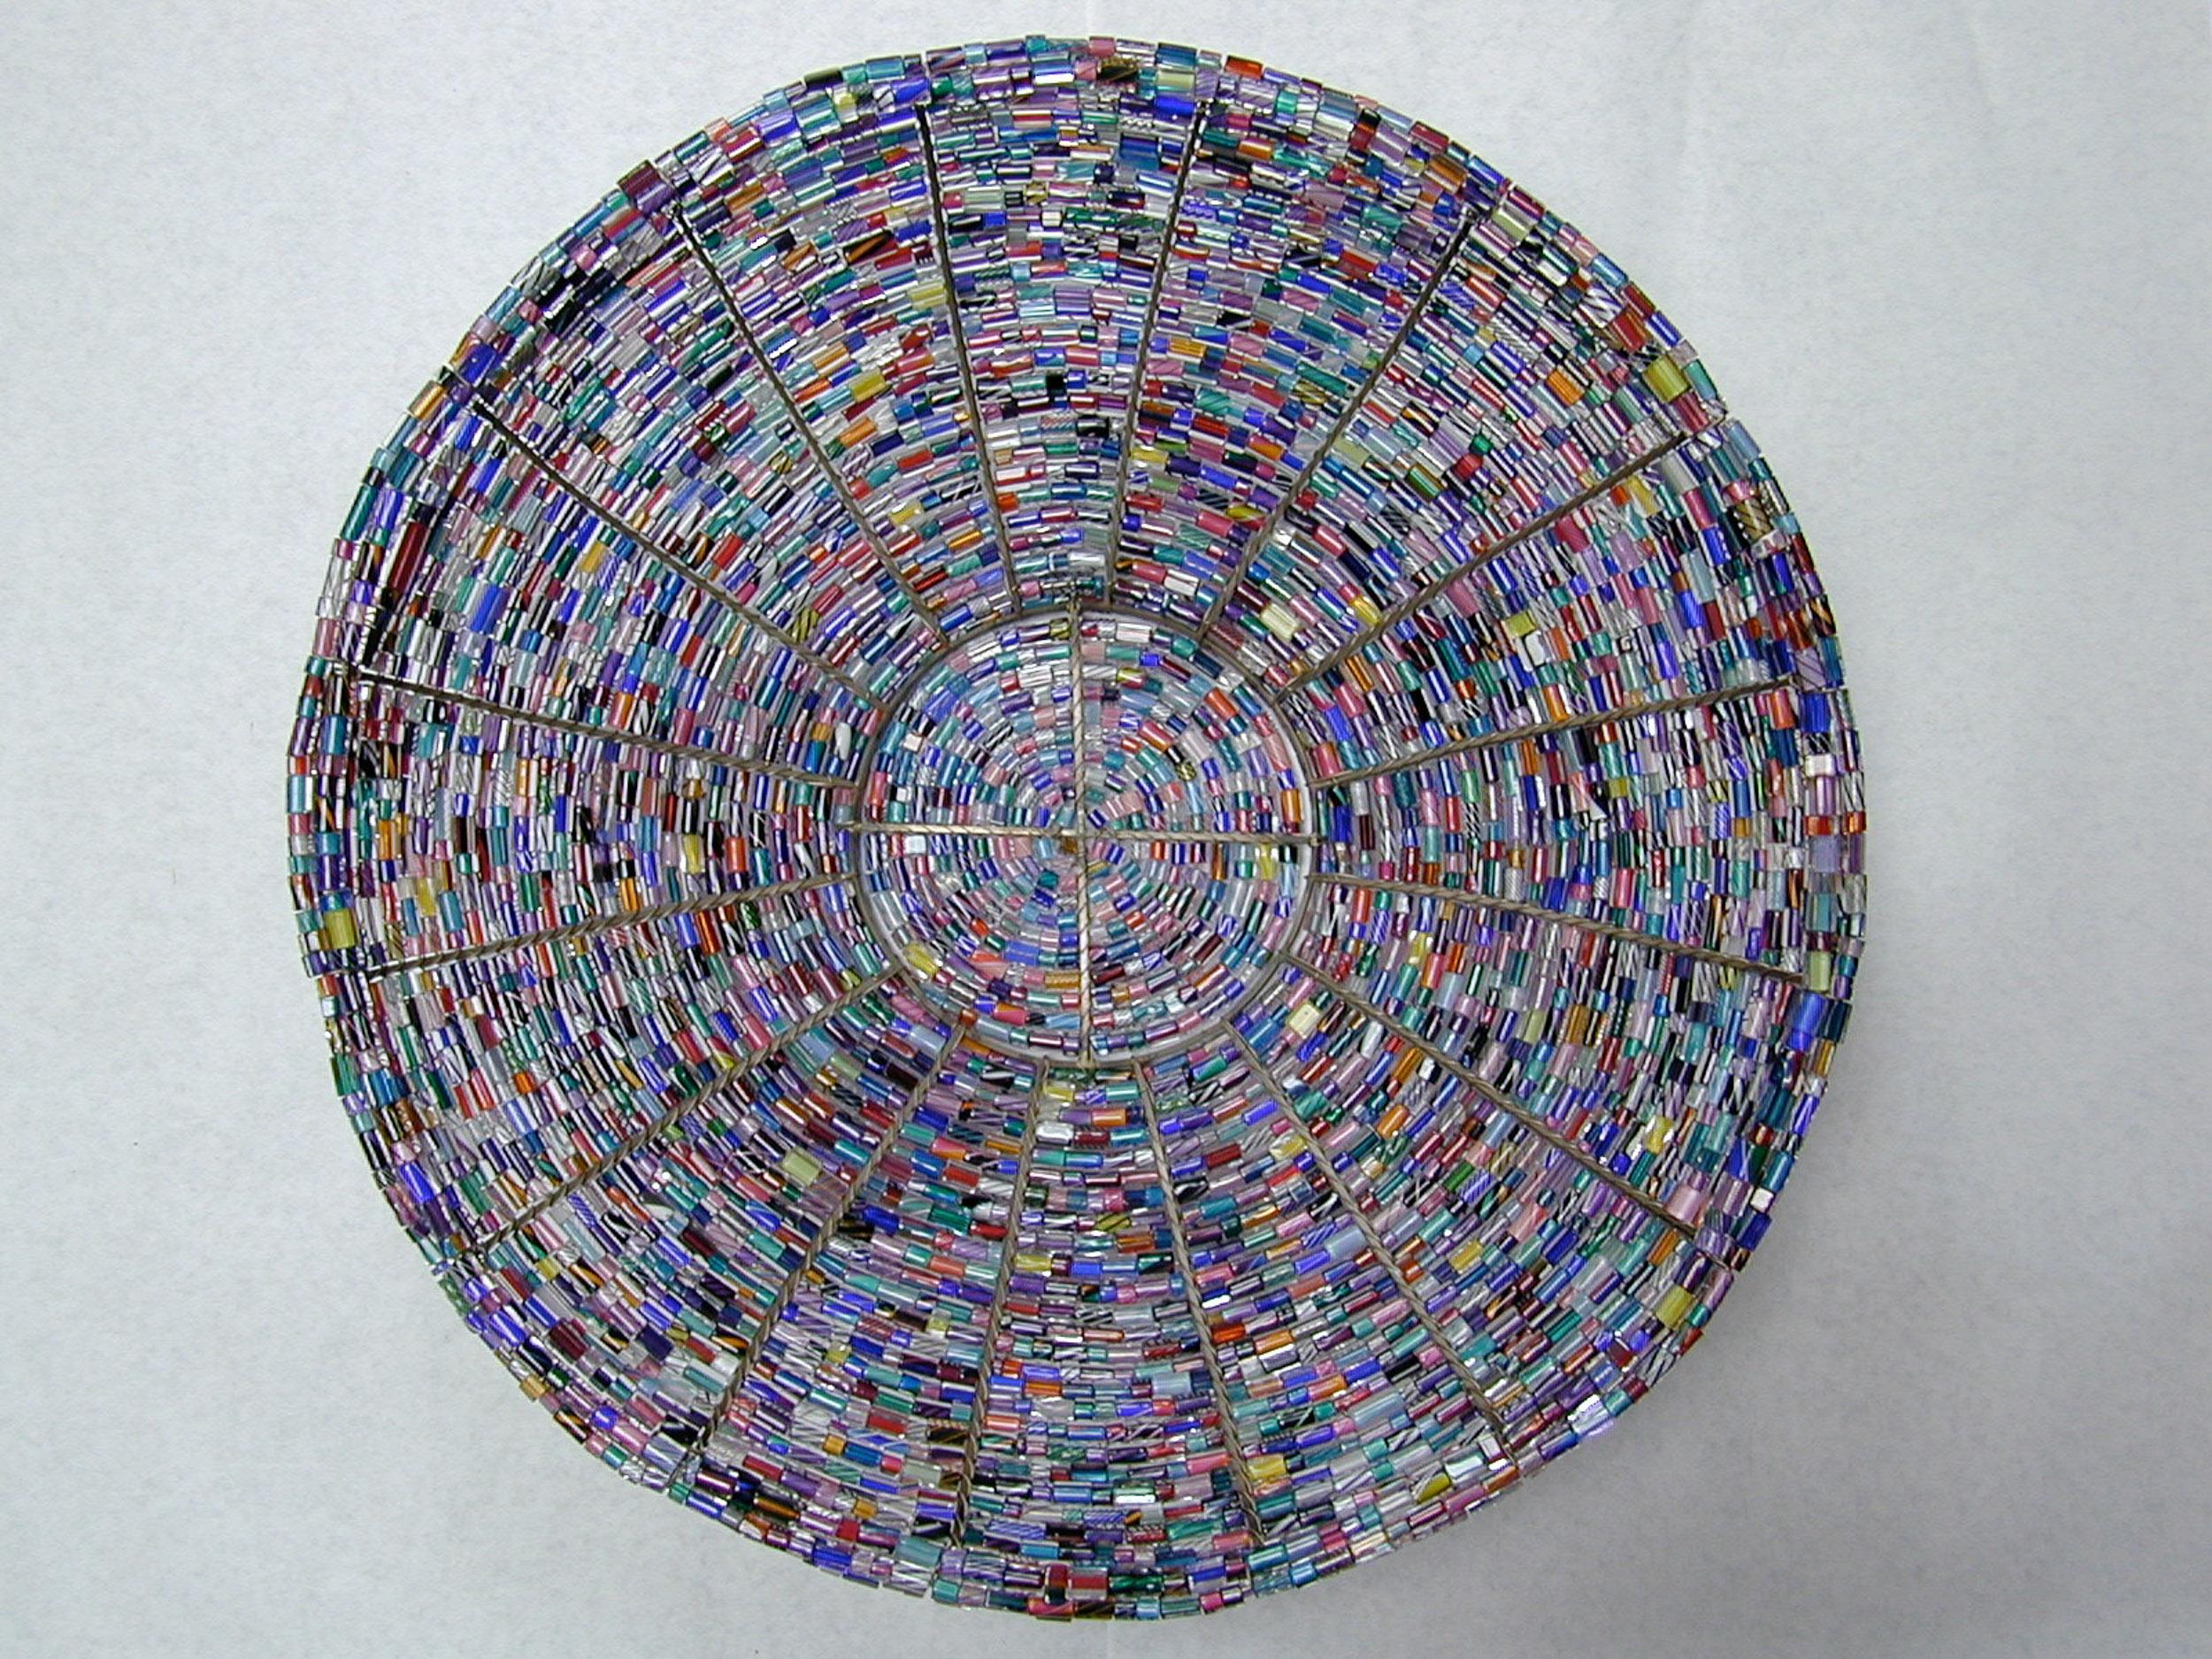 Olive-Glass_Italian-Art-Glass_Corrie-Haight_Lark-Dalton-20170318-2.jpg